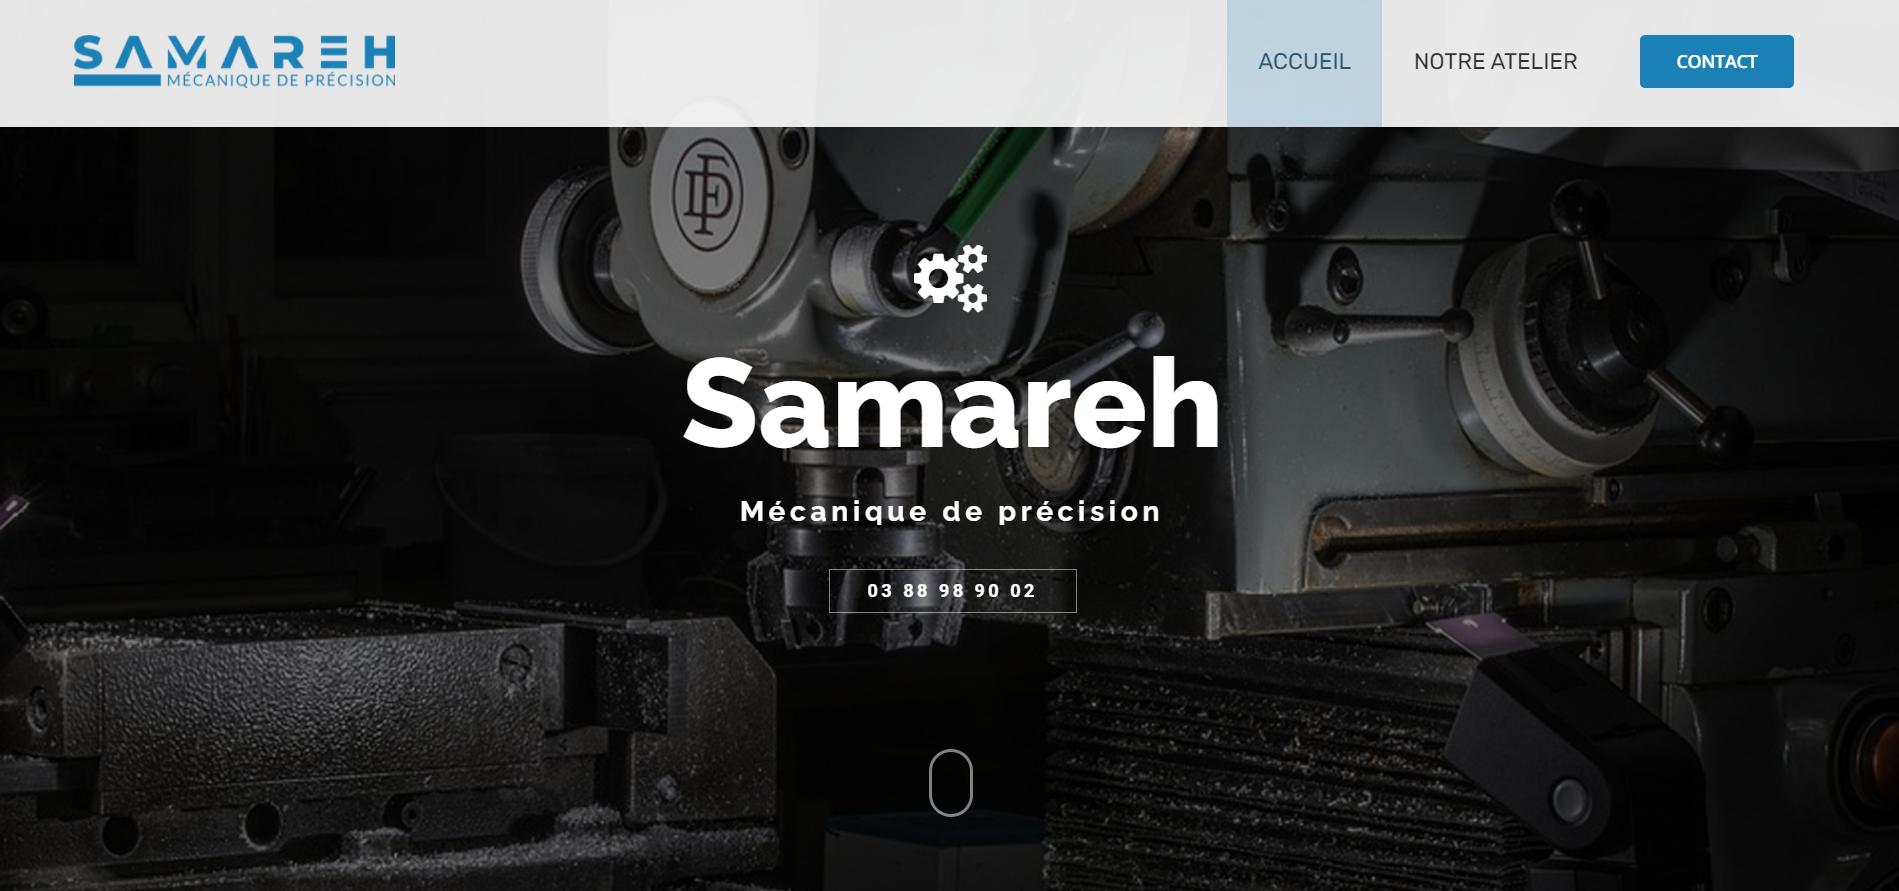 site internet samareh